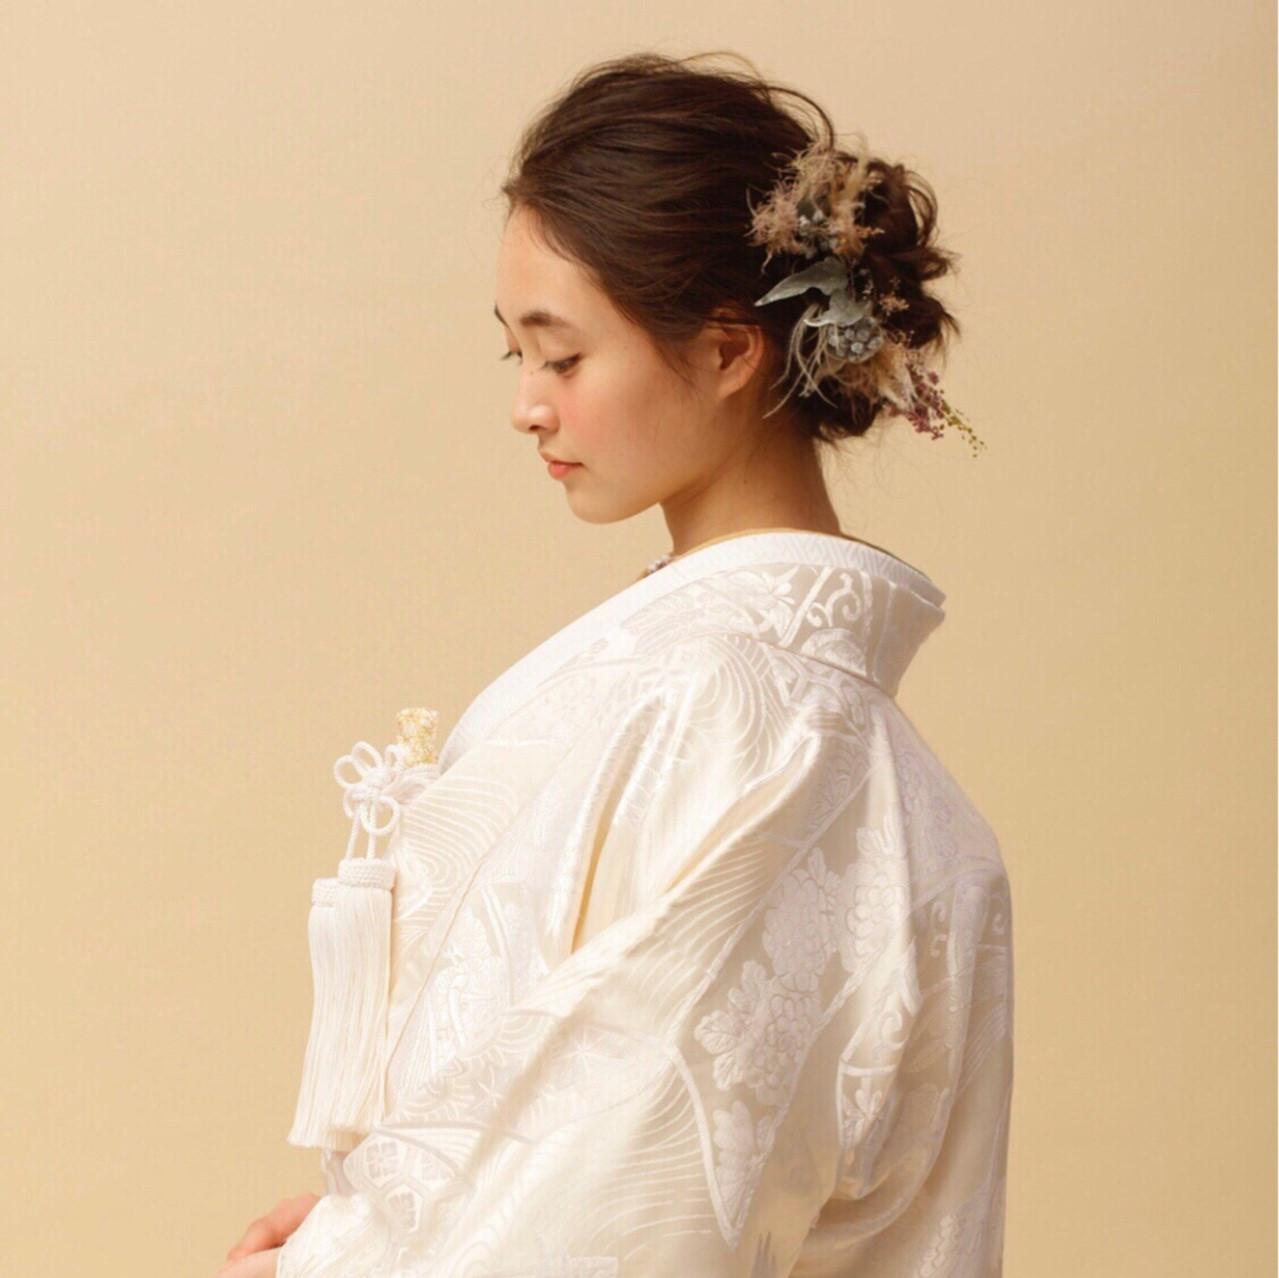 結婚式はやっぱり和装♡花嫁からお呼ばれまで、似合う髪型を選ぼう